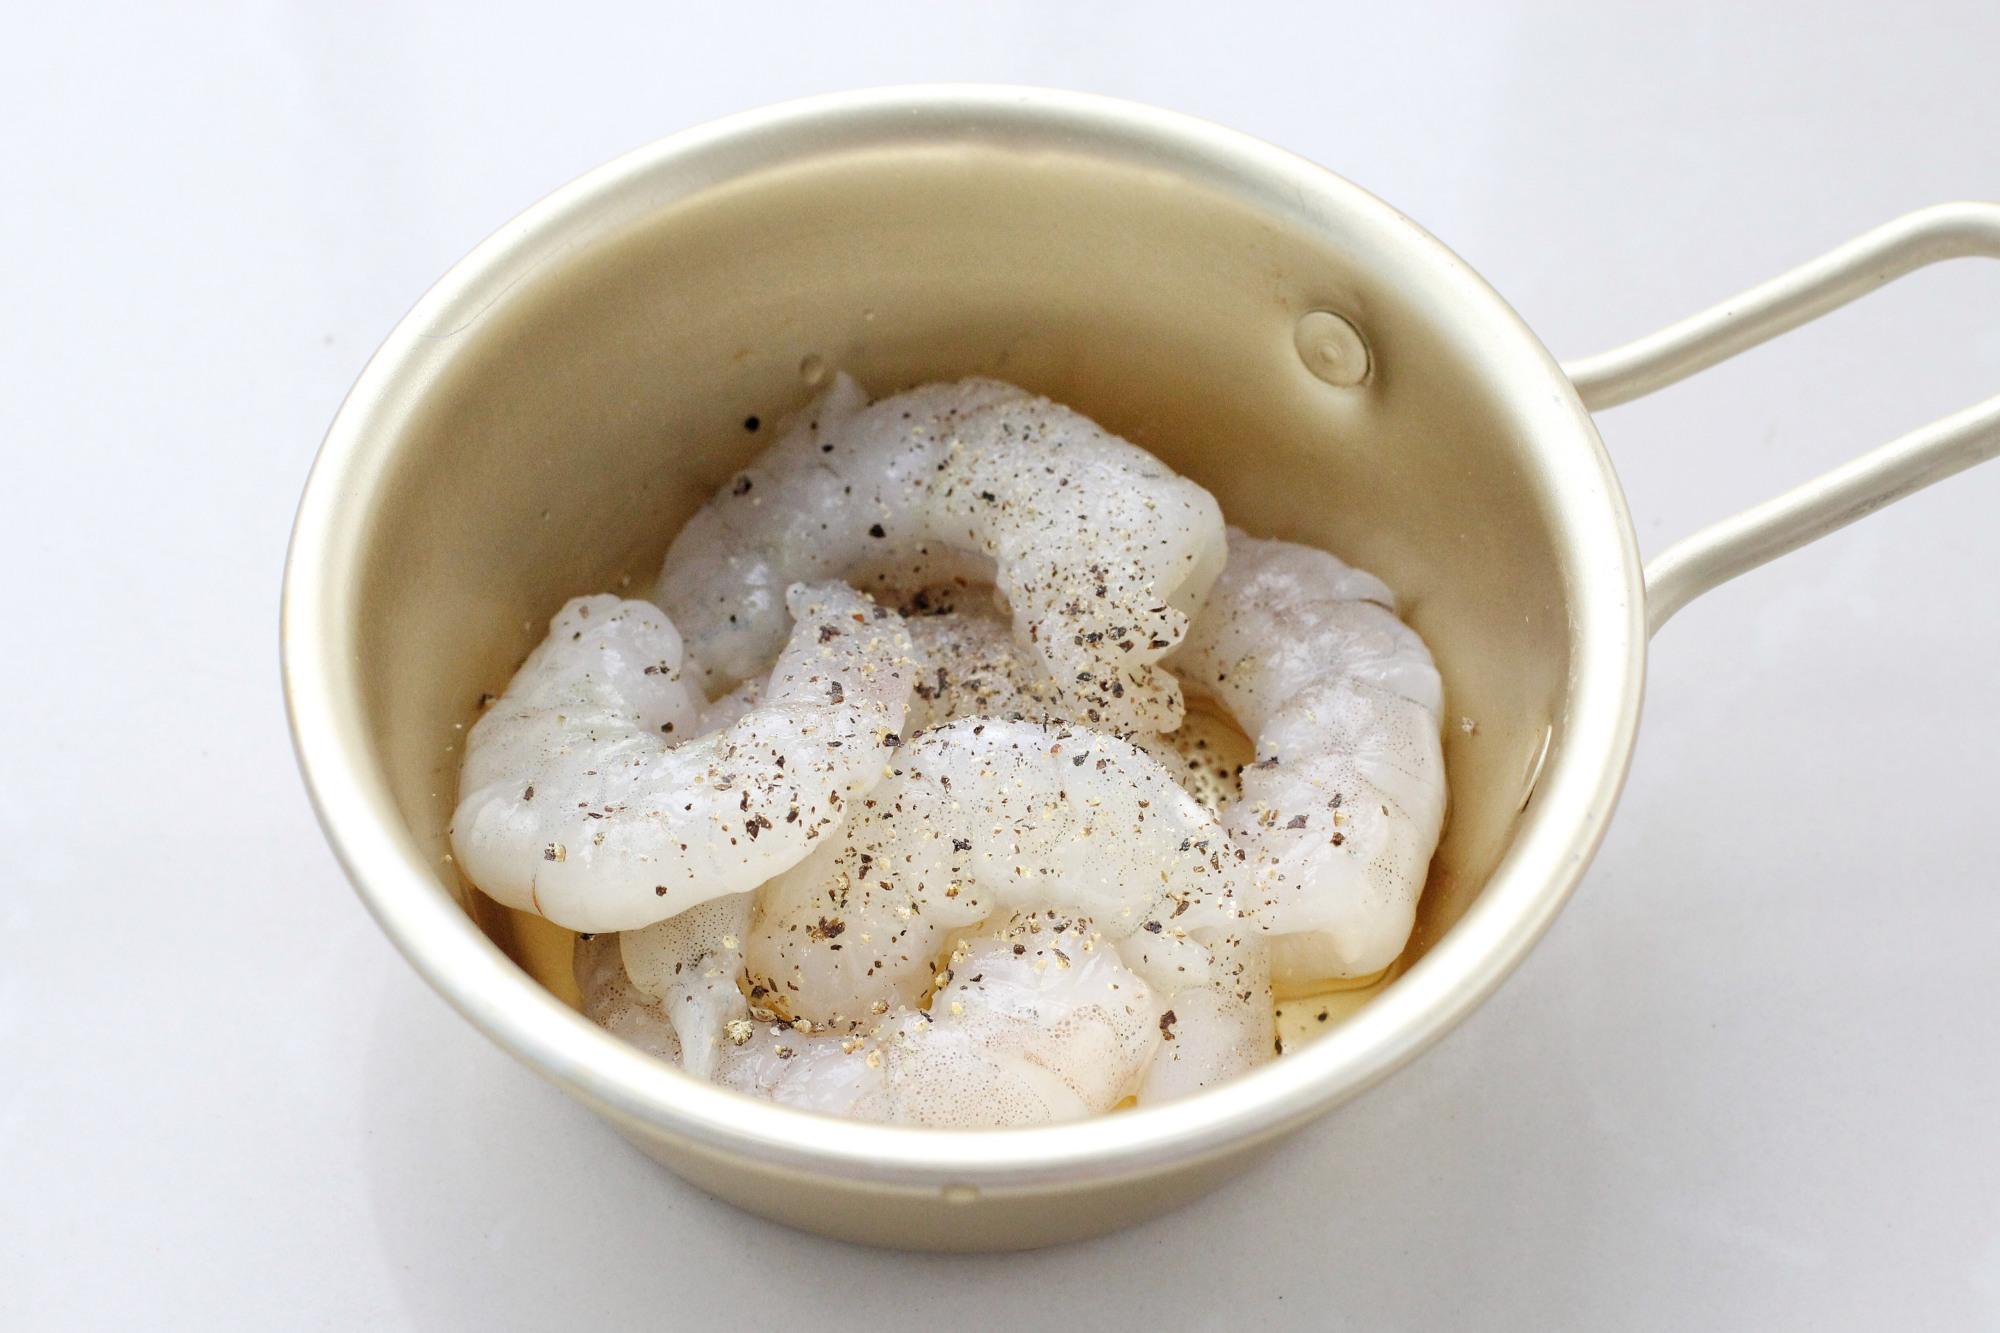 连吃一周也不腻的早餐饼,有虾有蛋营养均衡,简单快手十分钟上桌 美食做法 第4张